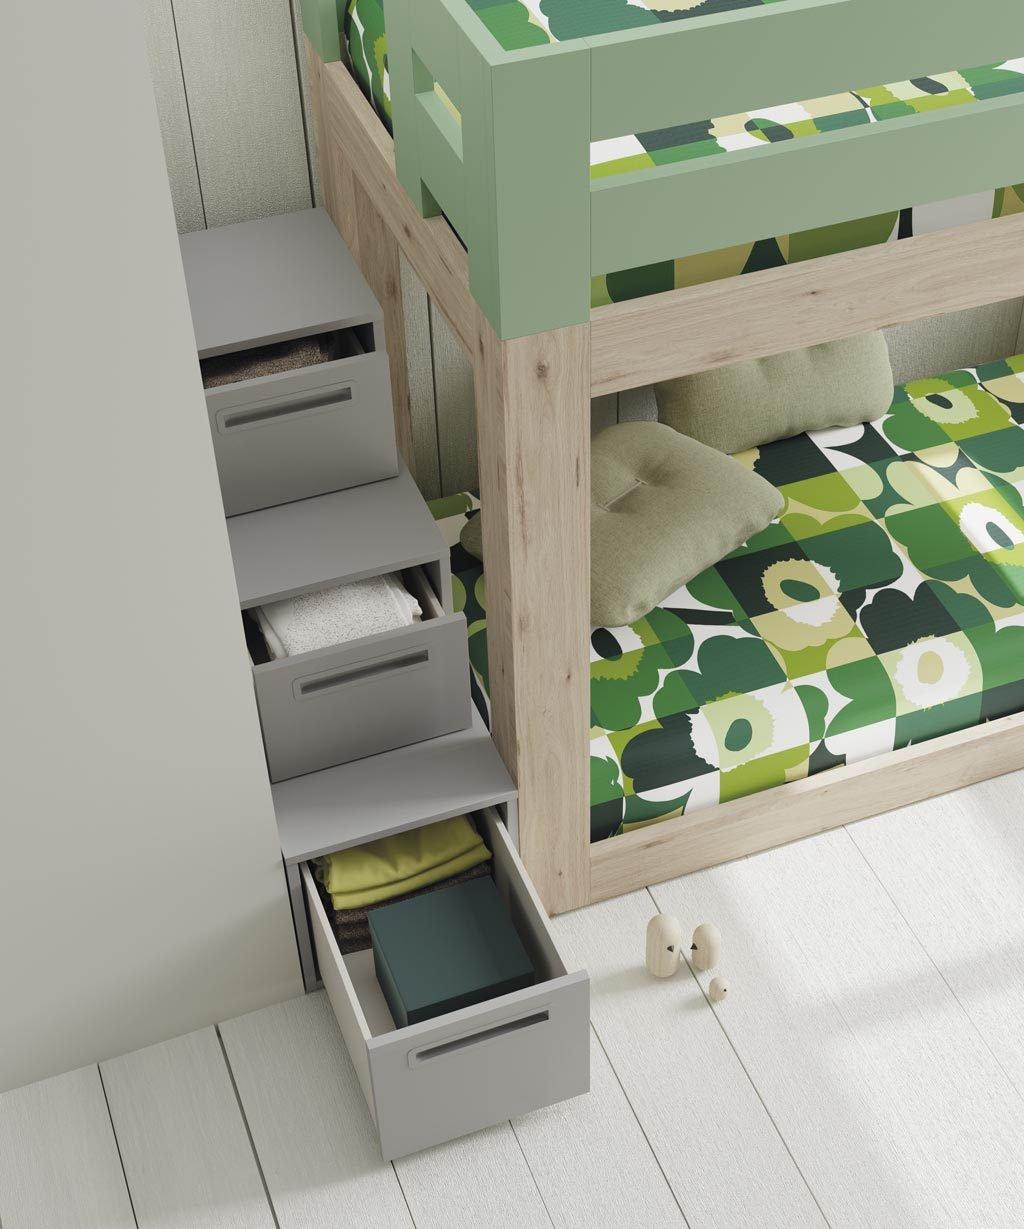 Detalle de la escalera realizada con cajones para acceder a la cama superior